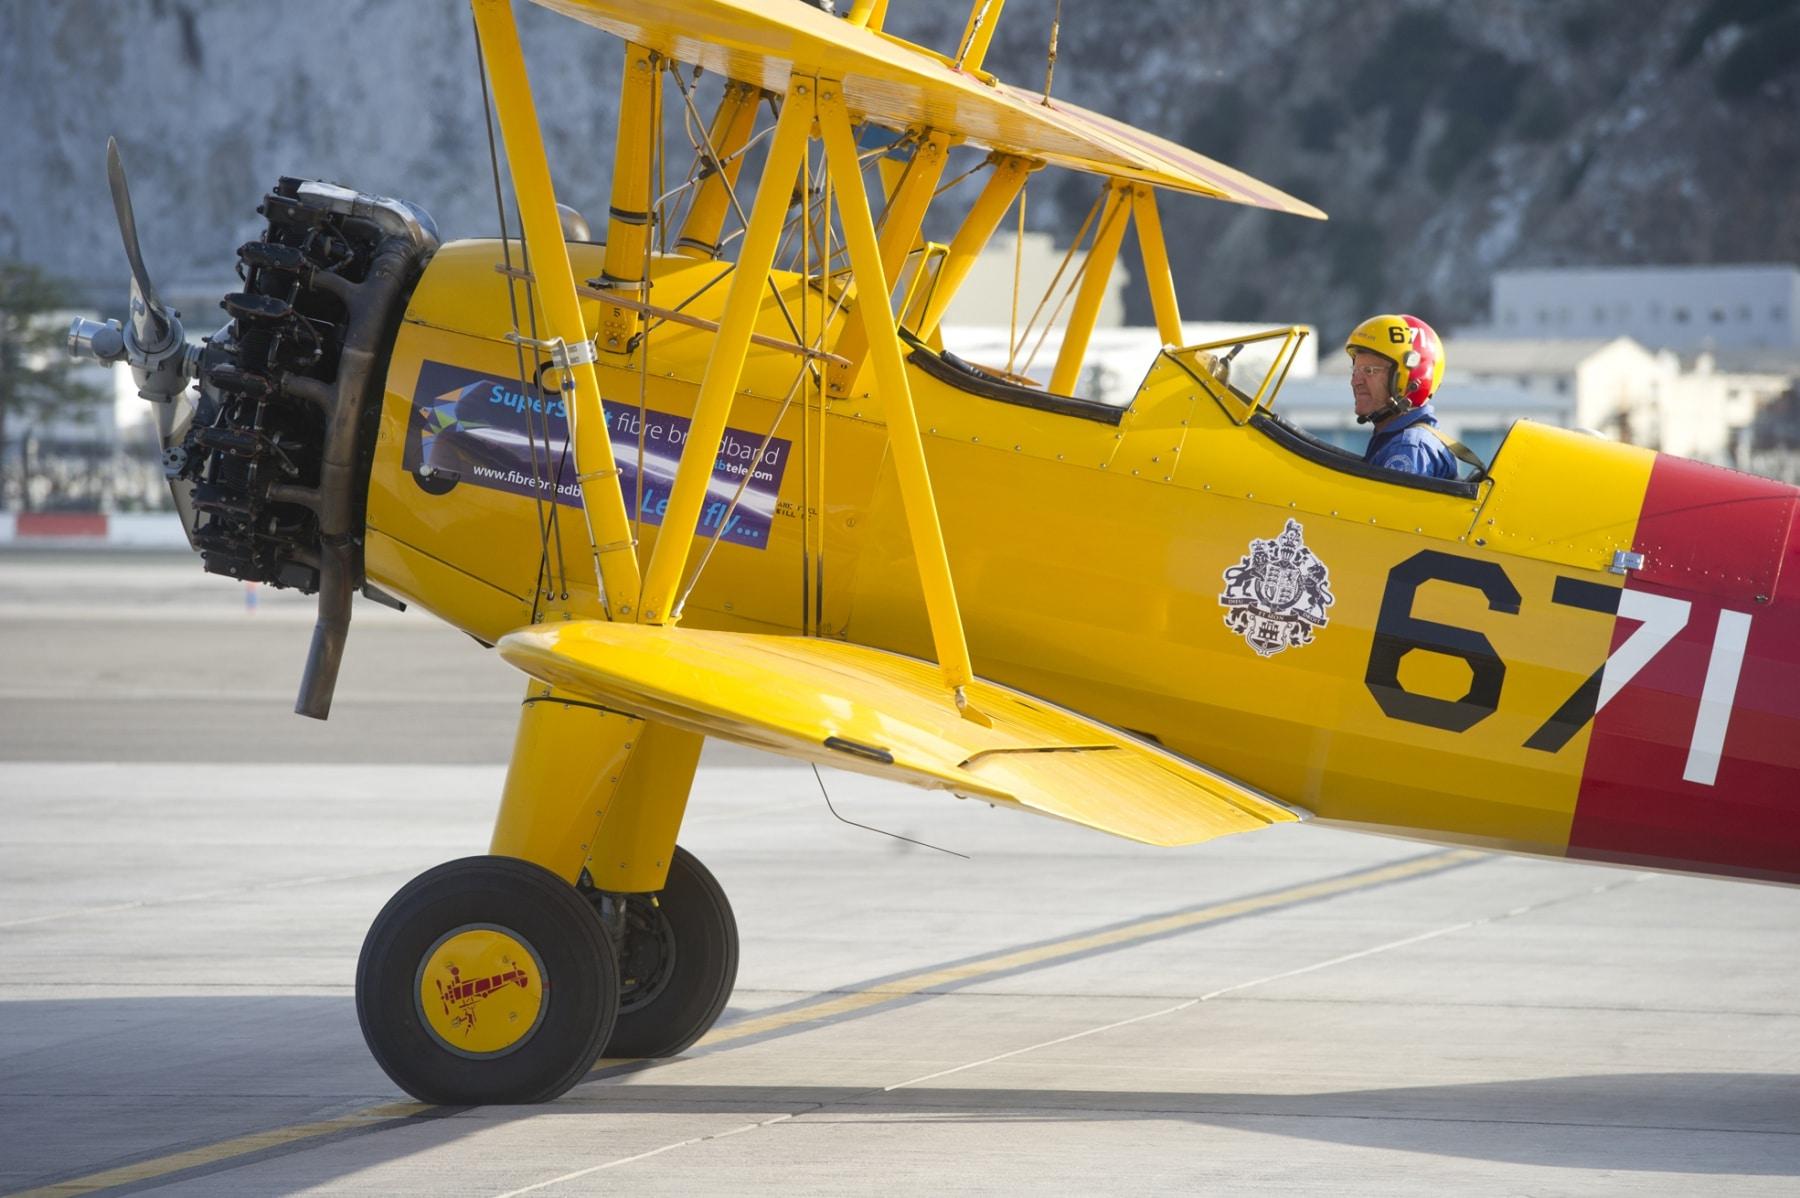 tom-lackey-acrobata-aereo-de-94-anos-en-gibraltar-10102014-20_15329348079_o